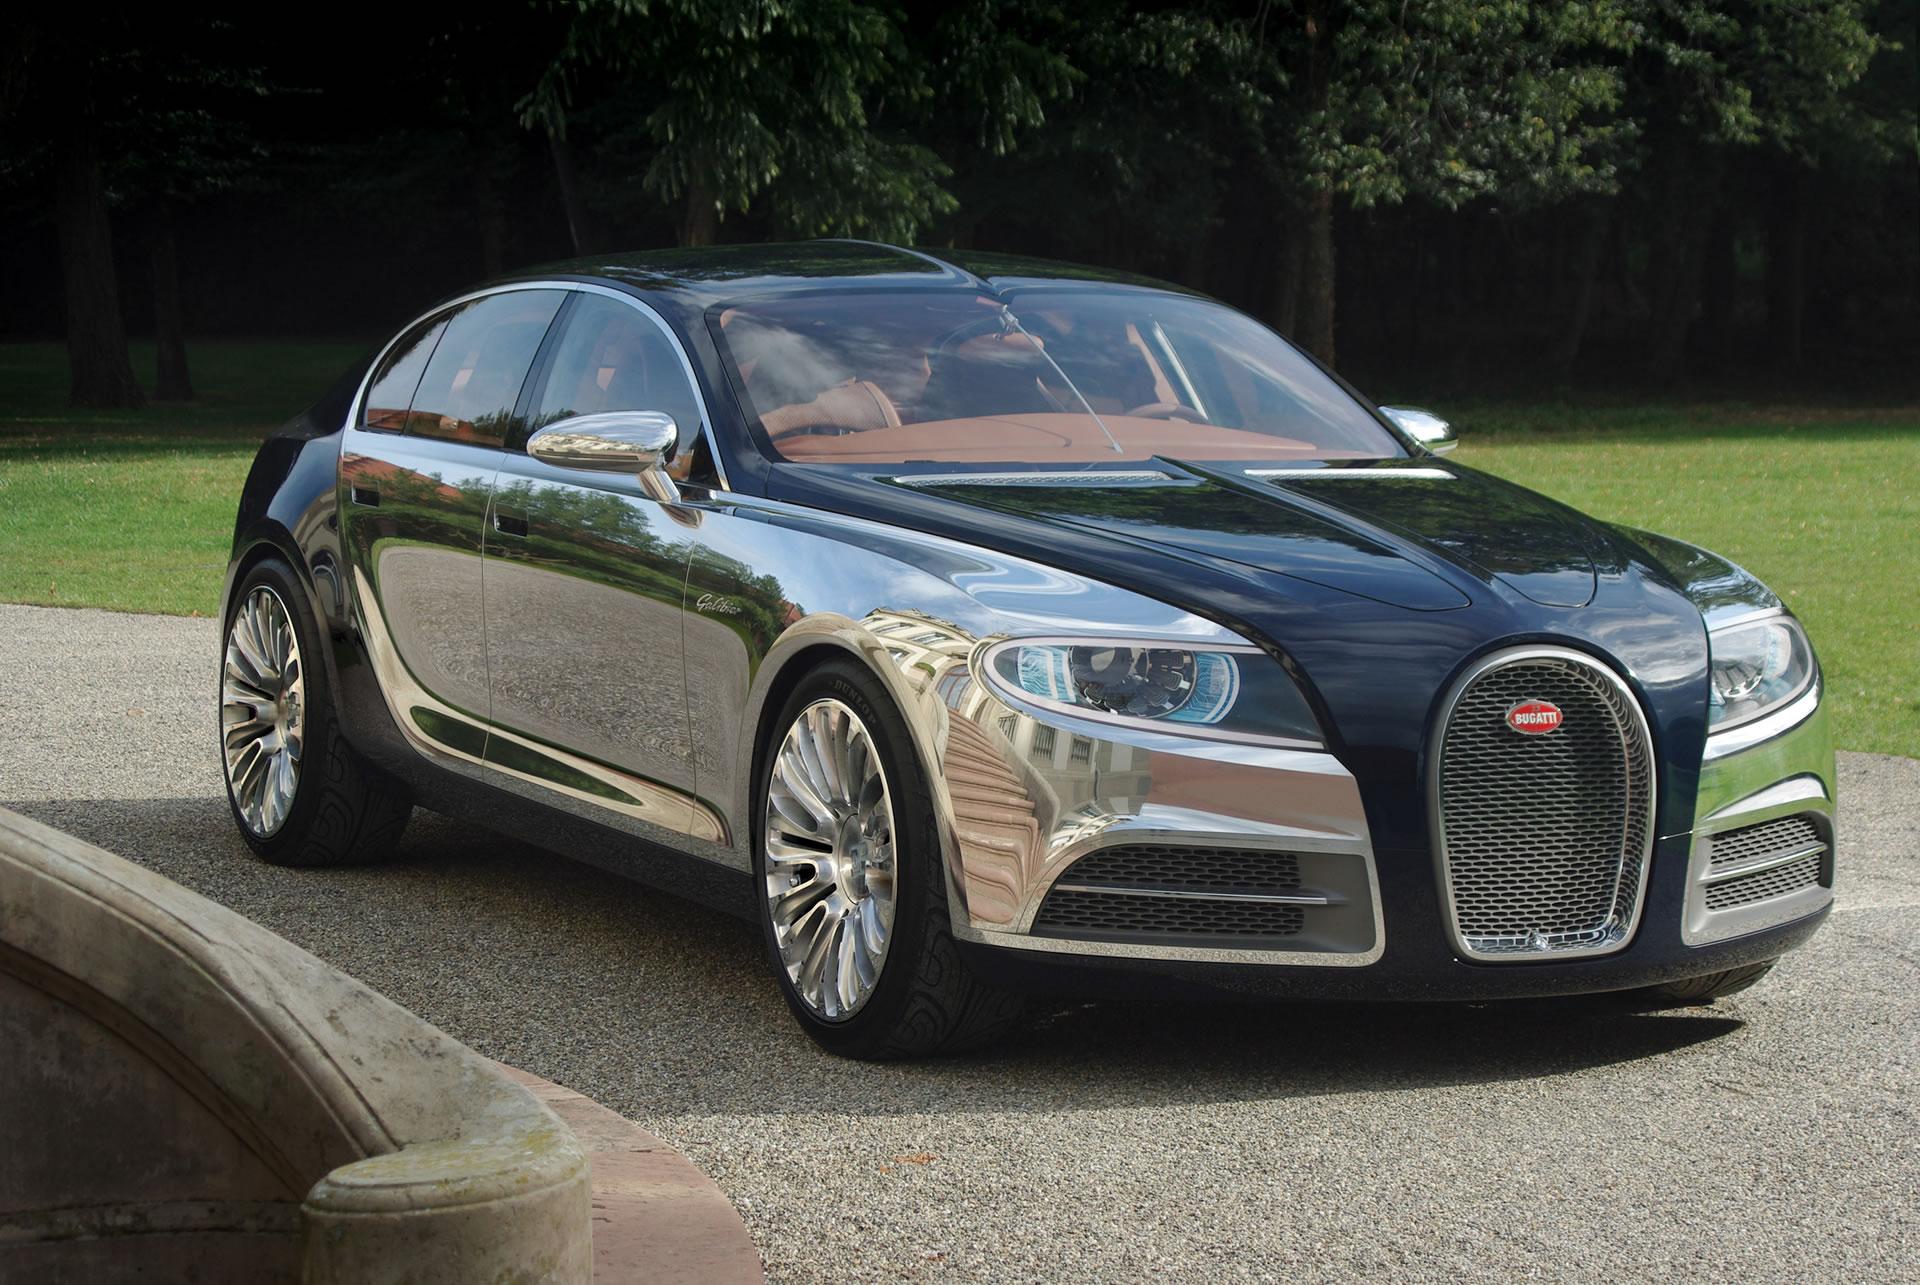 Bugatti_16C_Galibier Astounding Bugatti Veyron Grand Sport Vitesse Geschwindigkeit Cars Trend